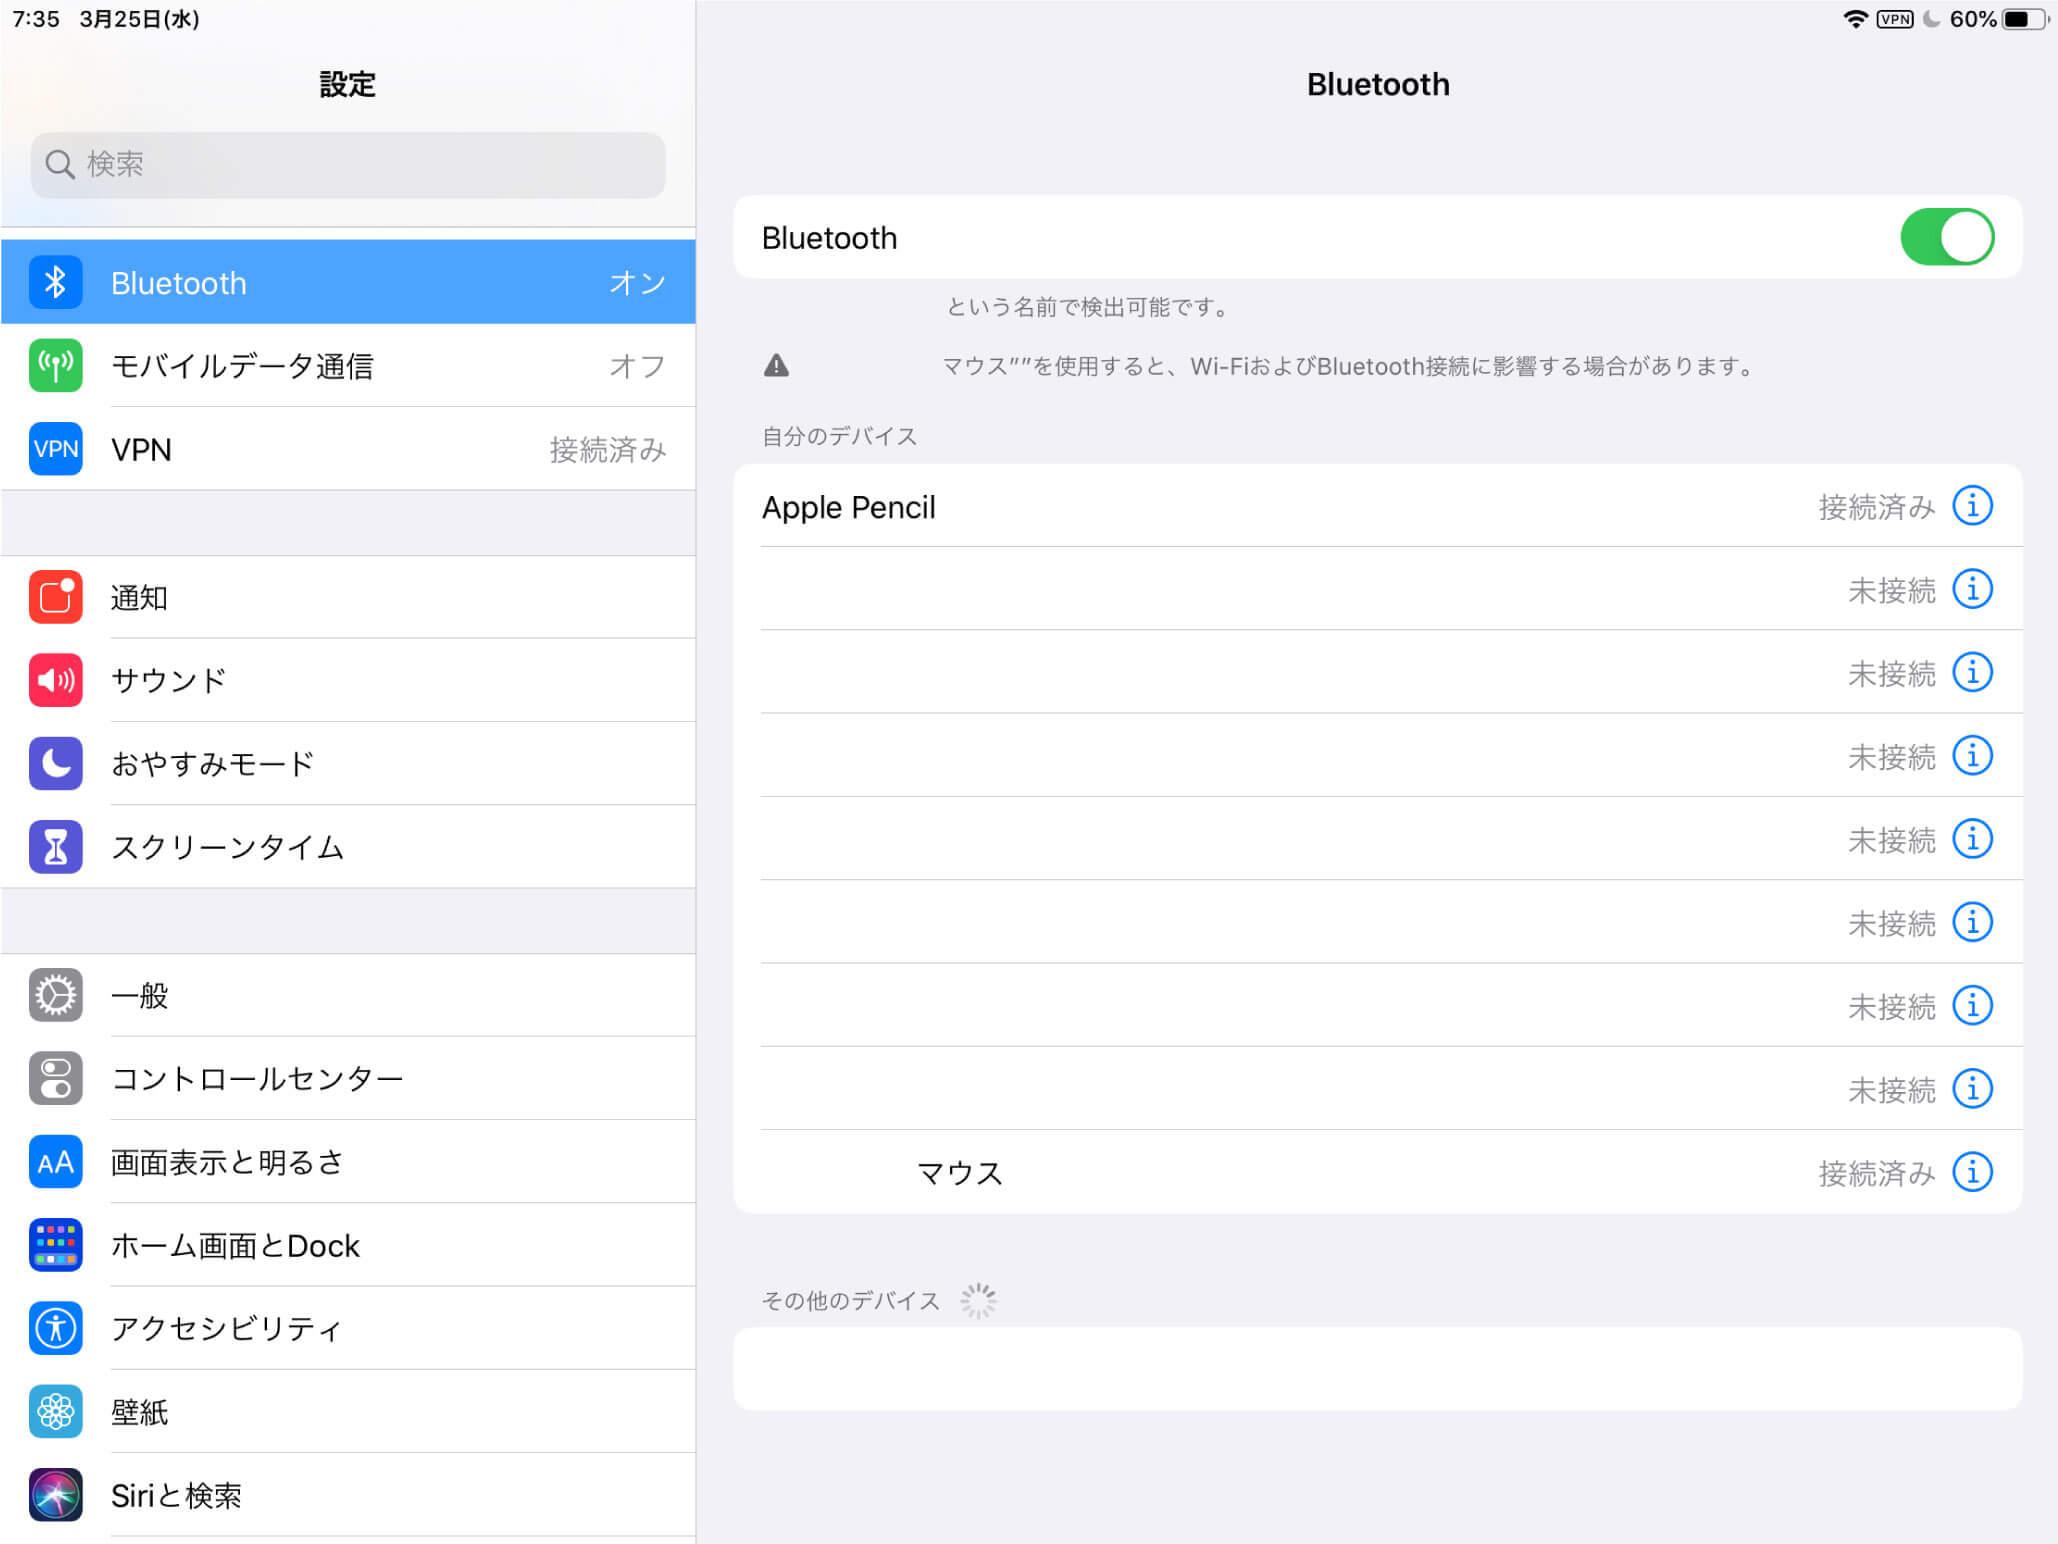 設定アプリのBluetoothの画面